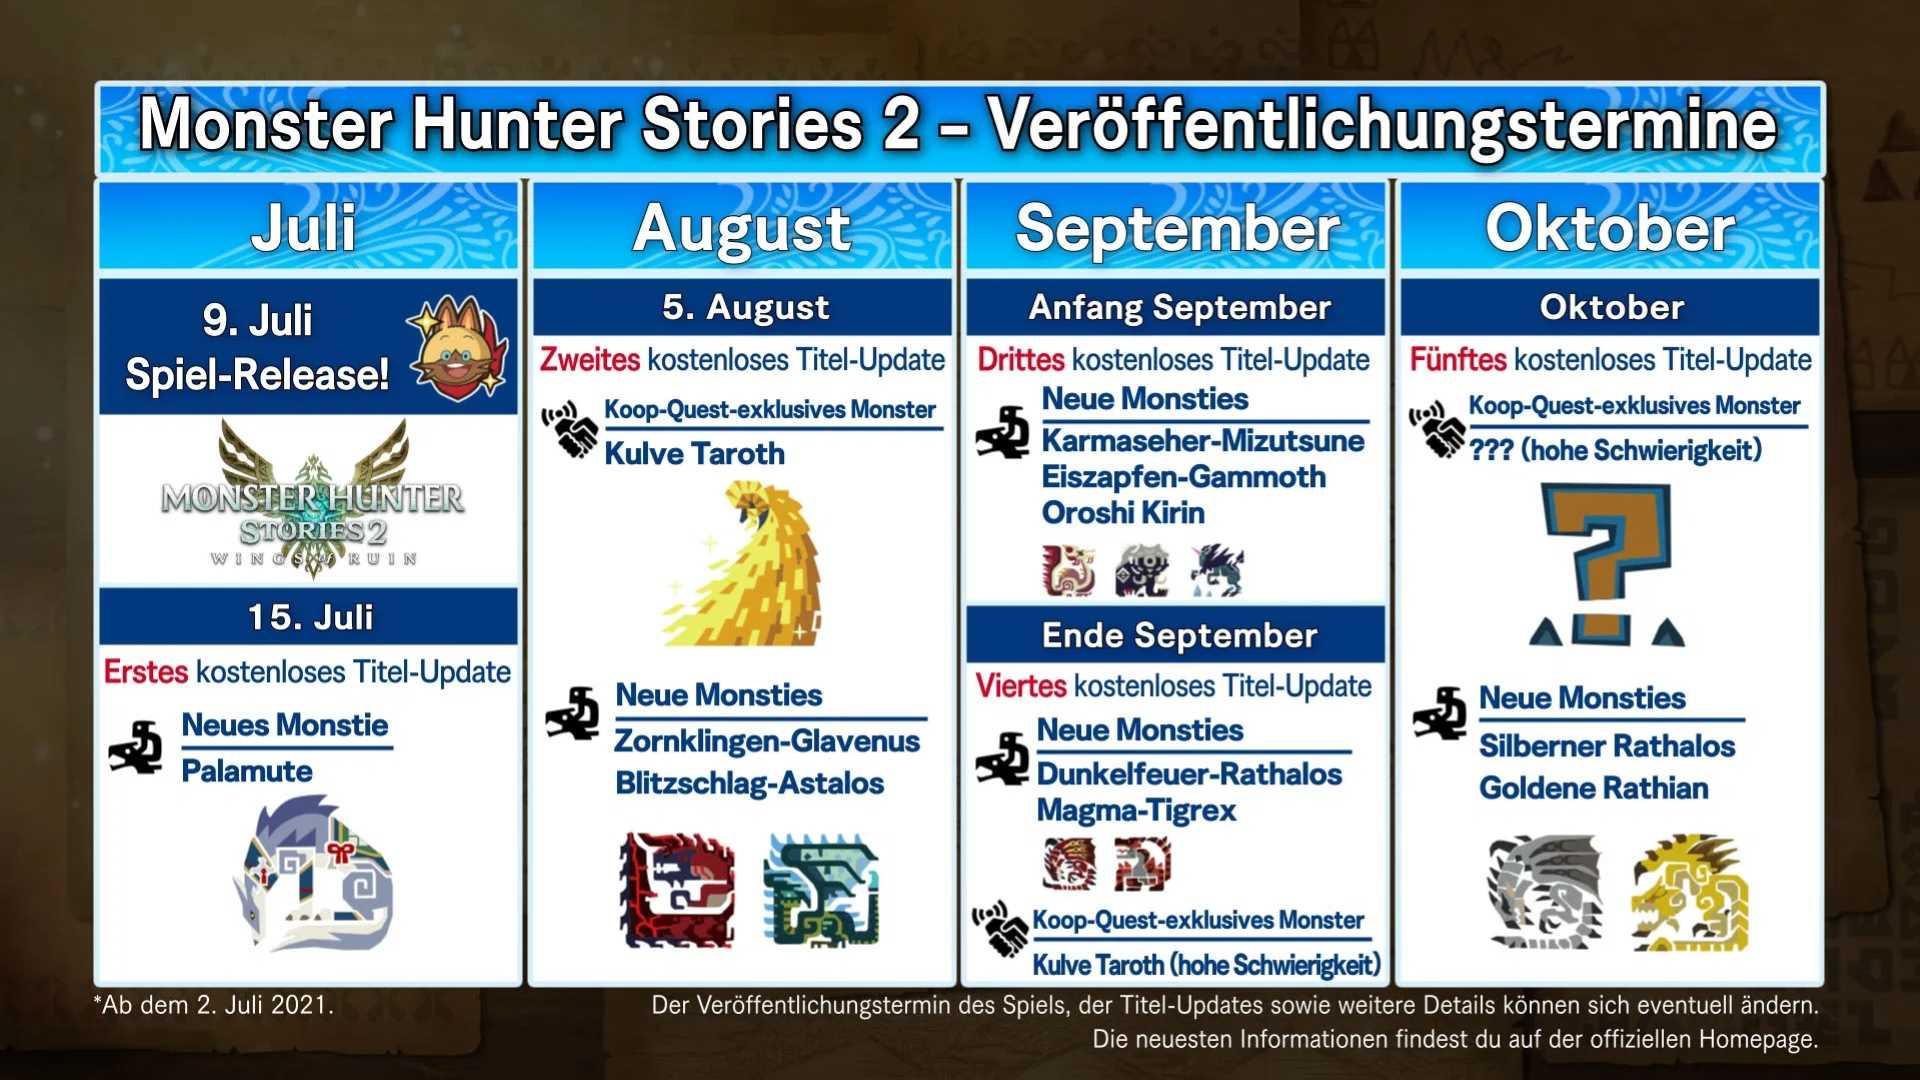 Monster Hunter Stories 2 Roadmap - Key Art